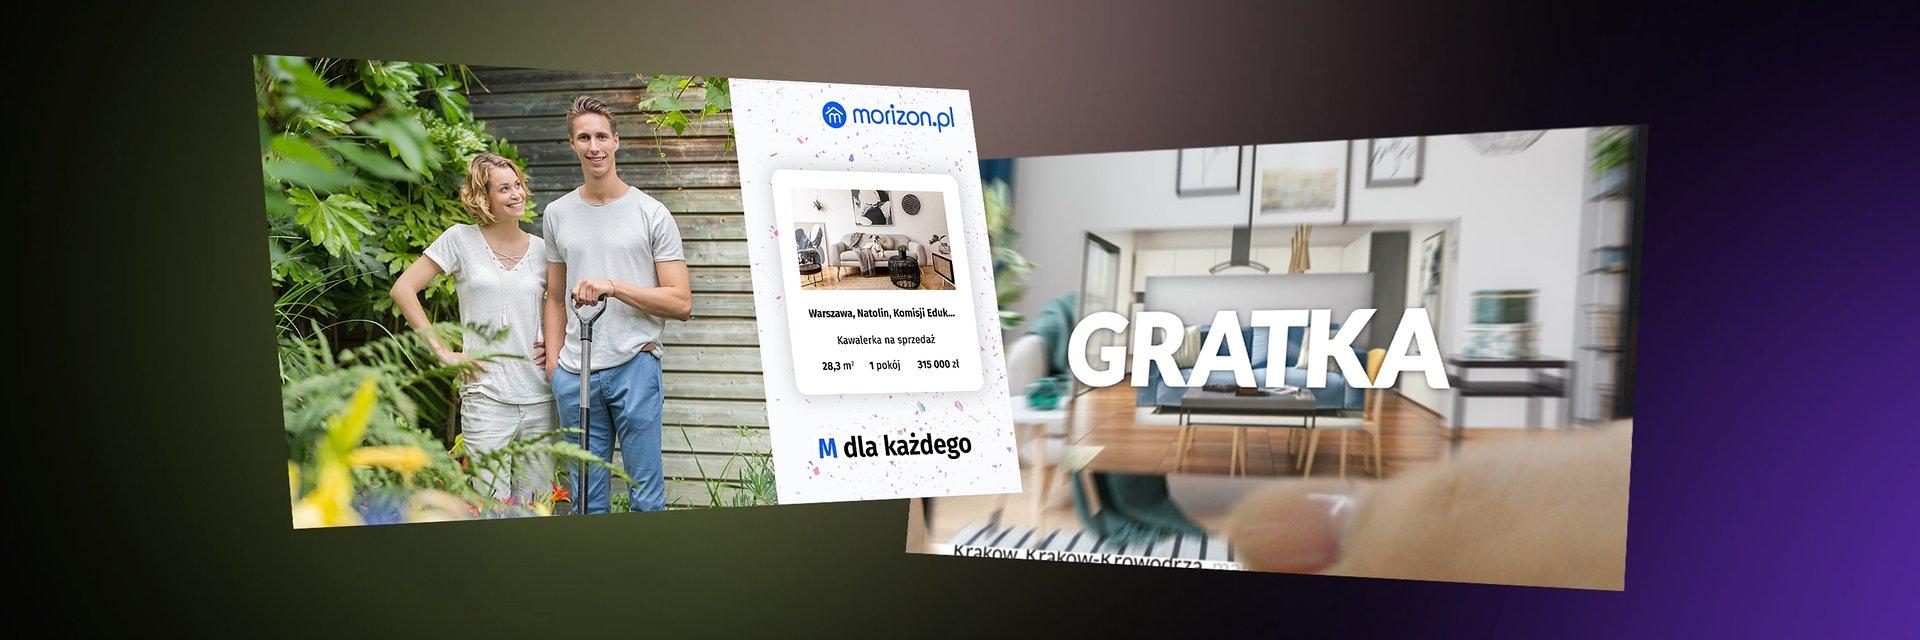 FENO obsługuje serwisy ogłoszeniowe gratka.pl i morizon.pl